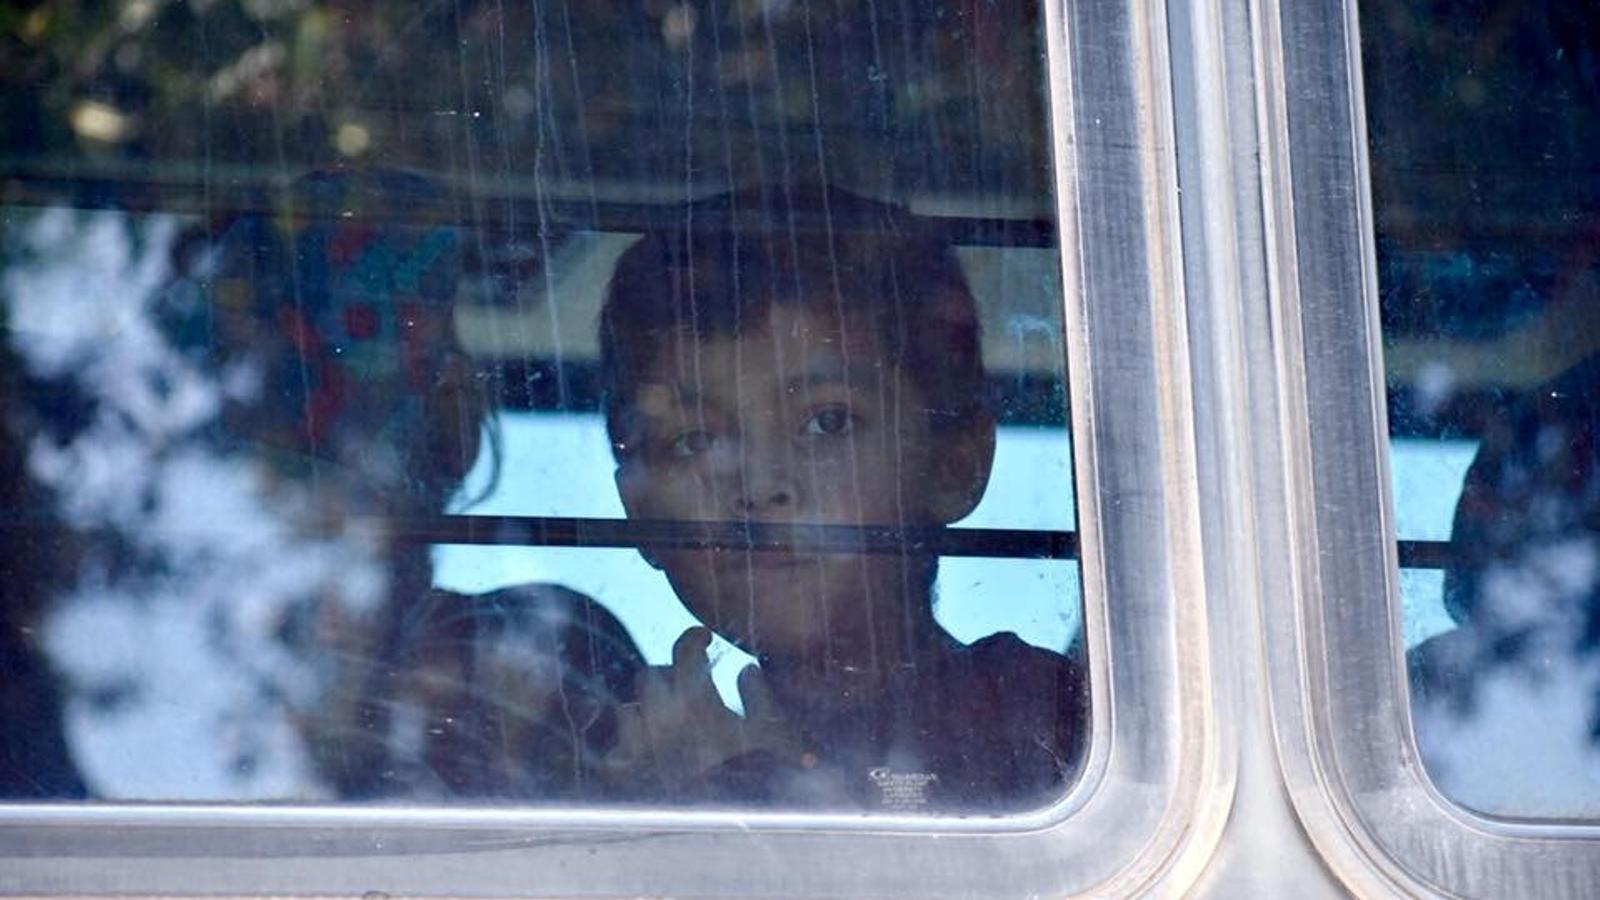 Un nen mirant per la finestra en l'autobús en què serà traslladat a un centre de detenció per a migrants, a Texas